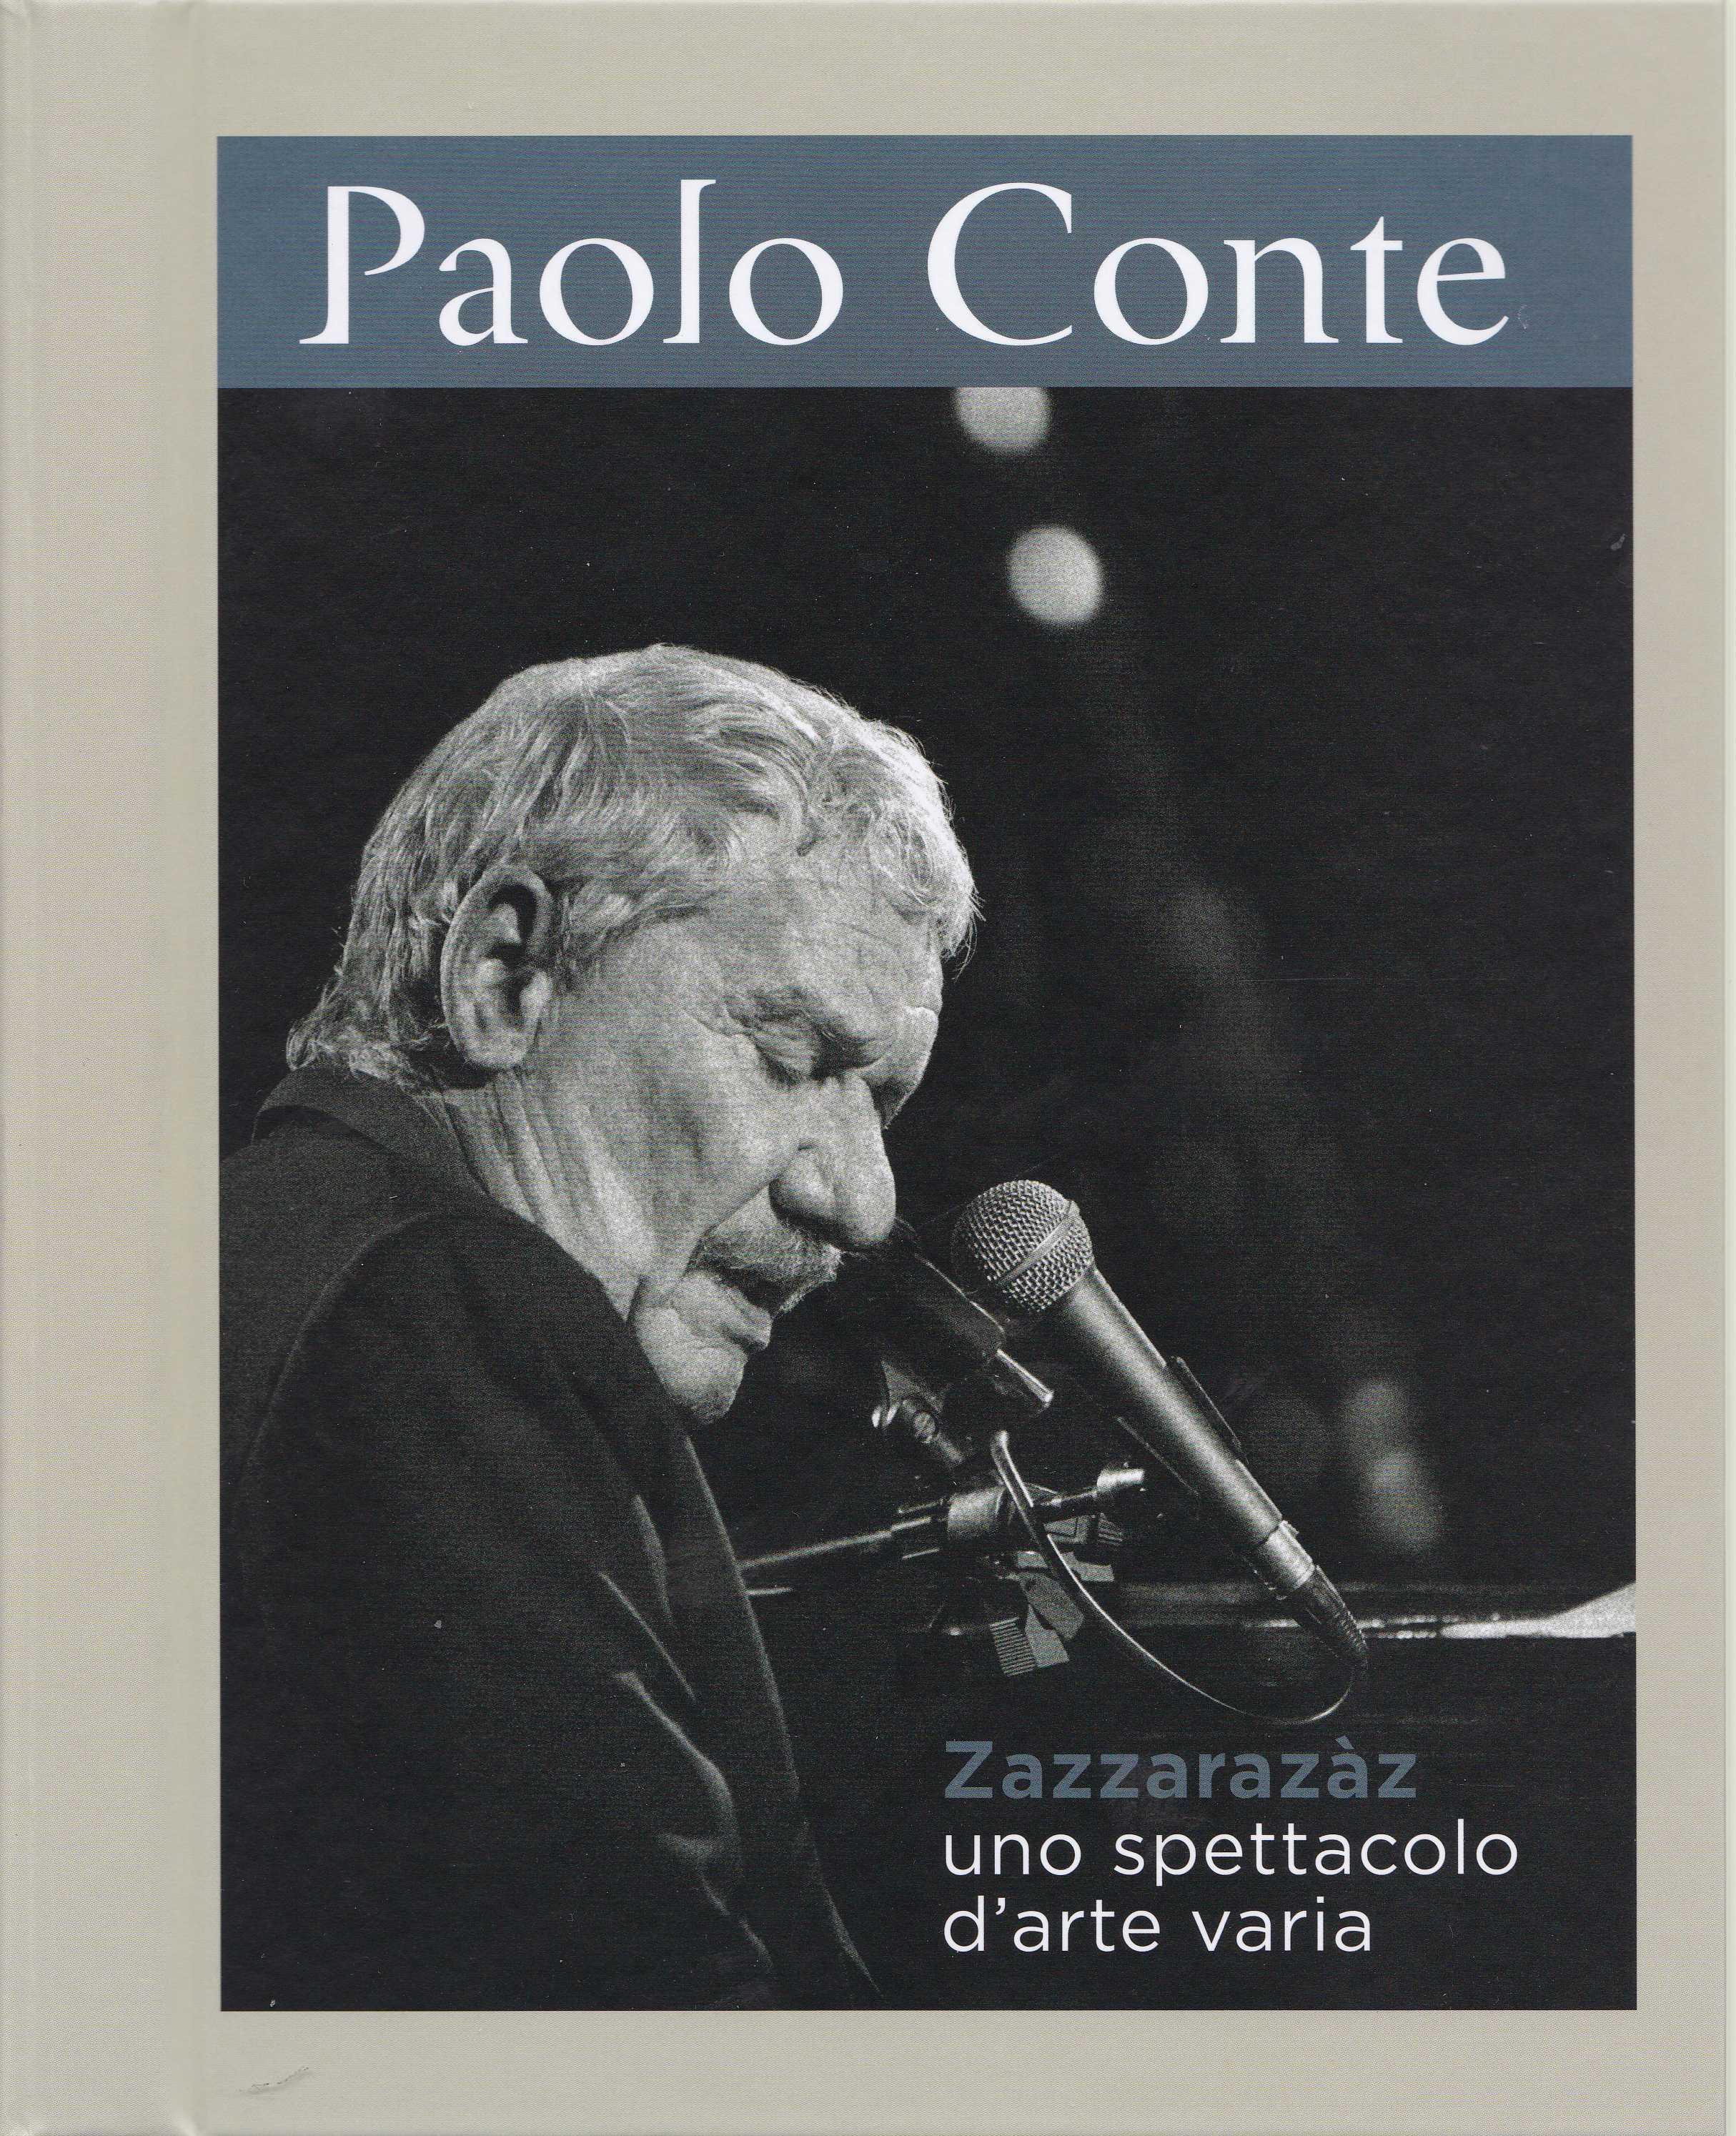 paolo conte1634